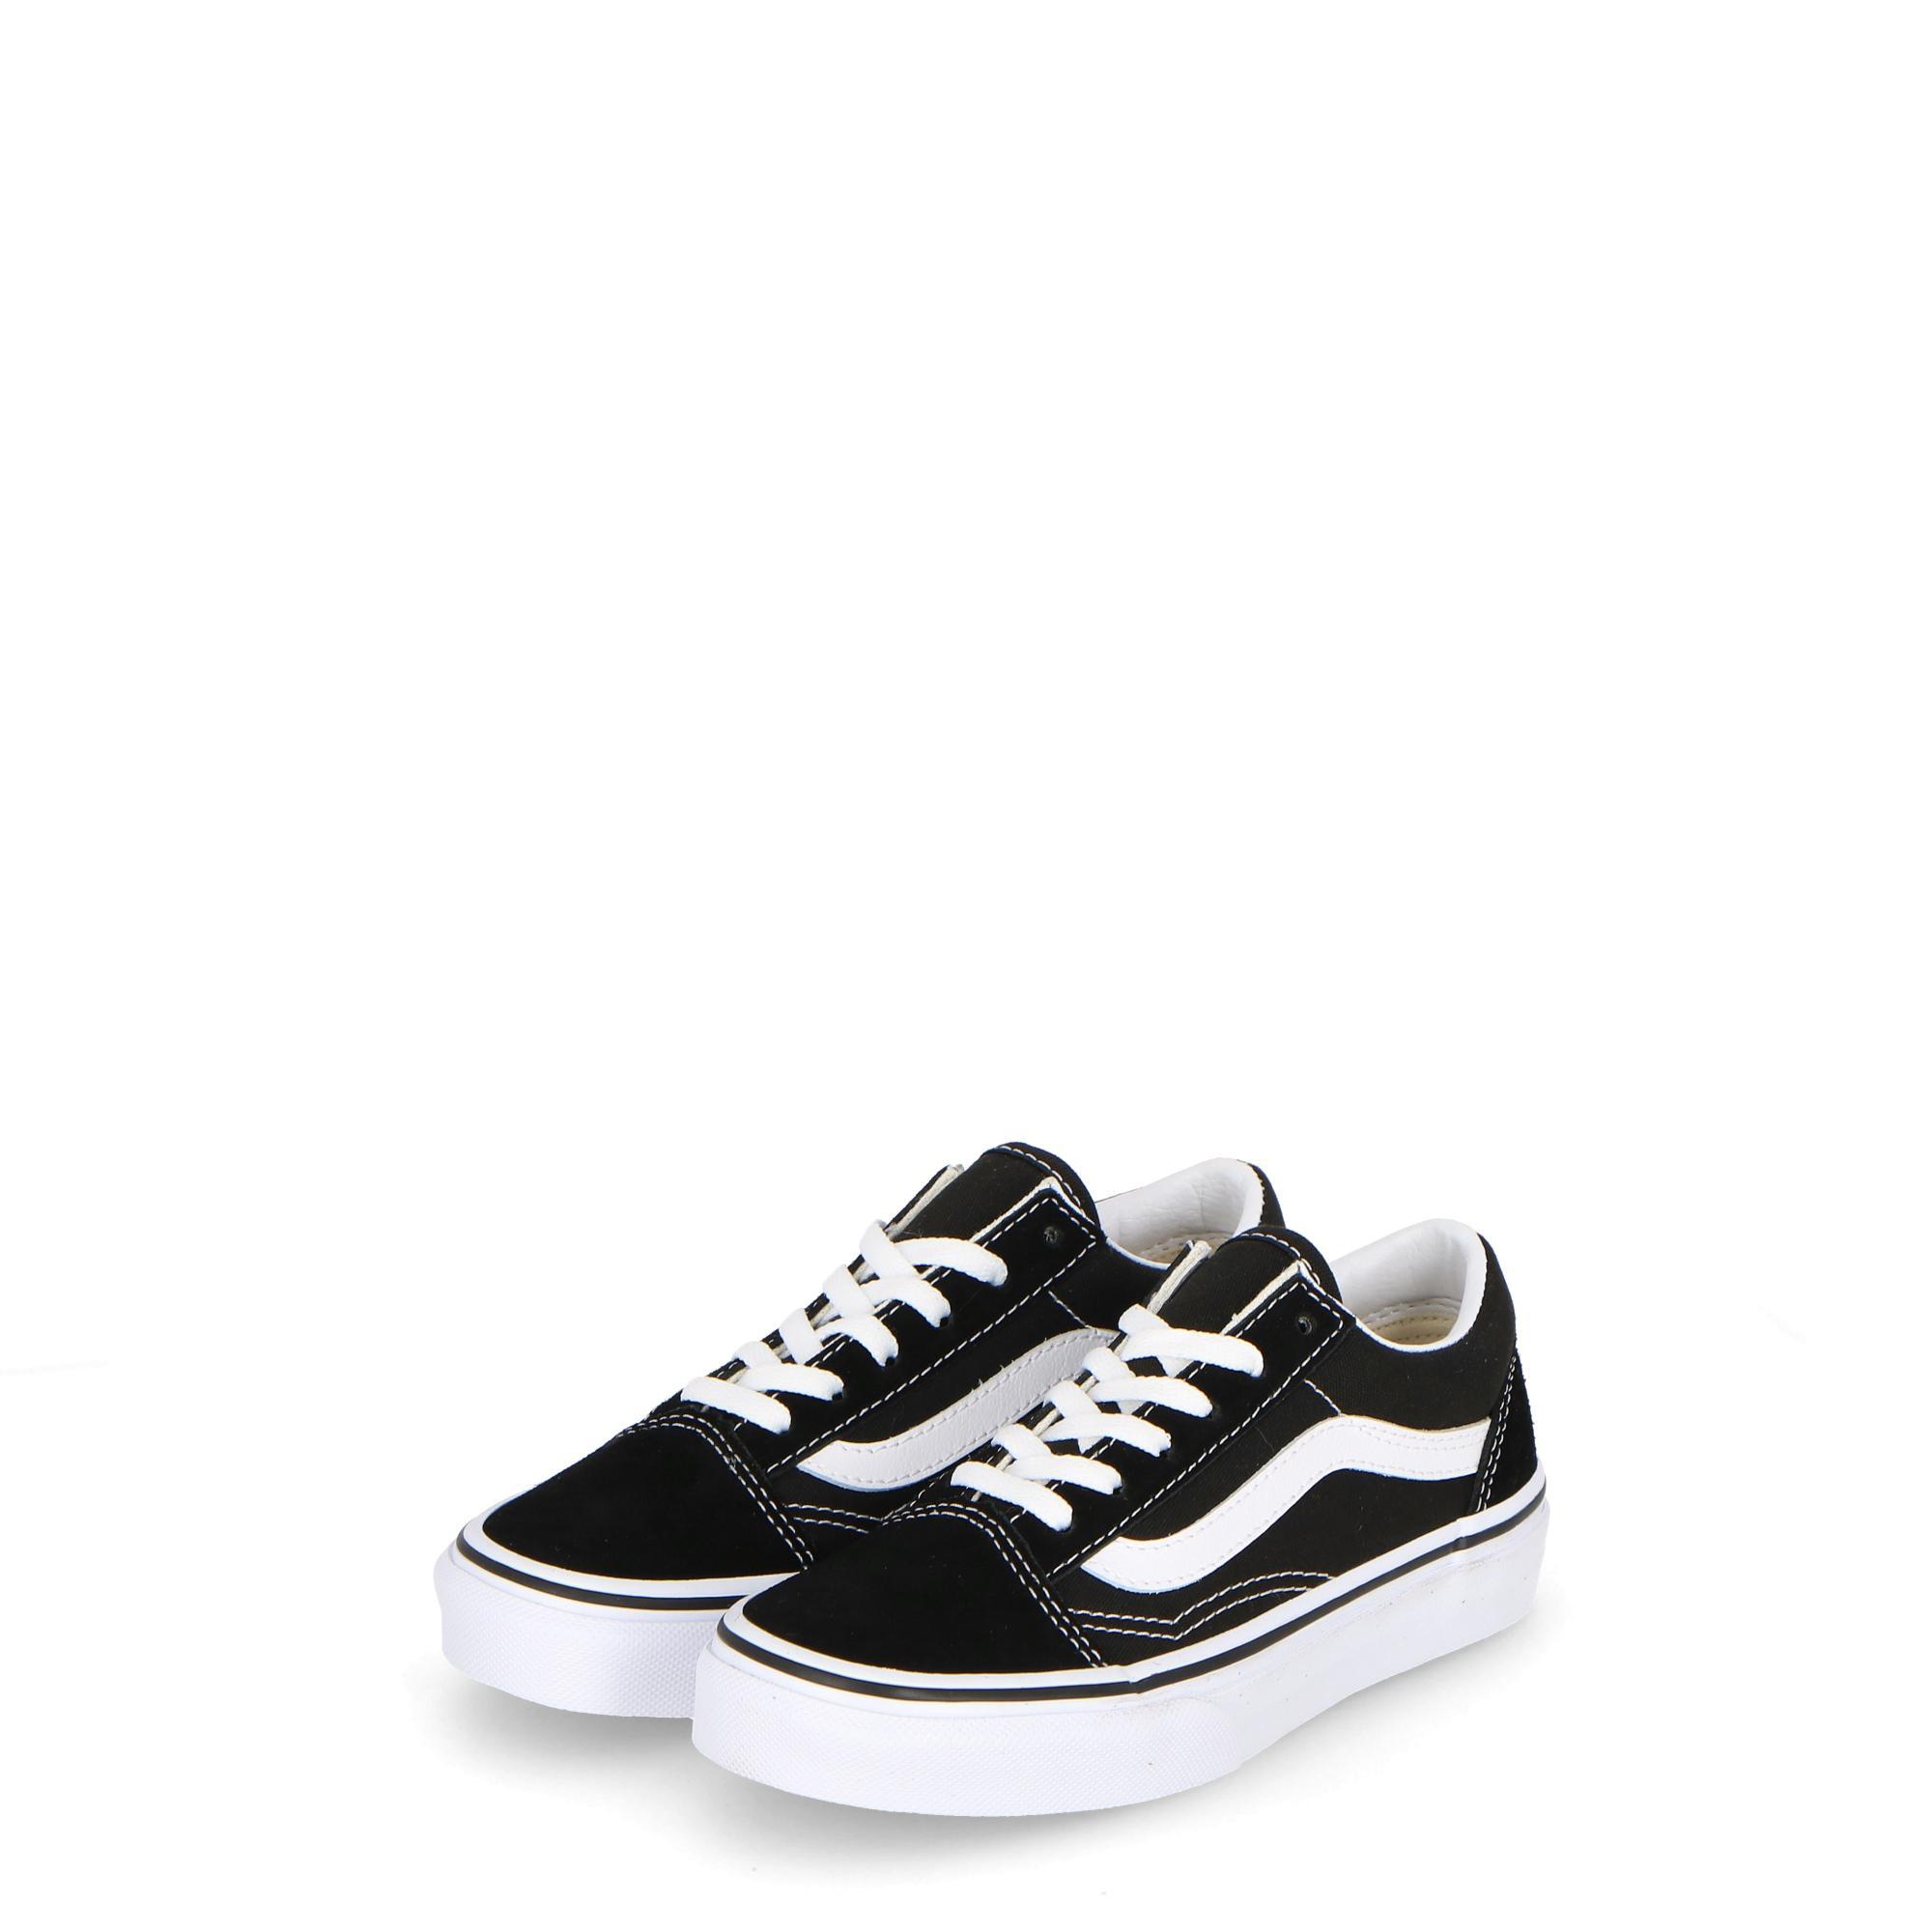 32e174d2e54 Vans Old Skool<br/> Black/true White | Treesse